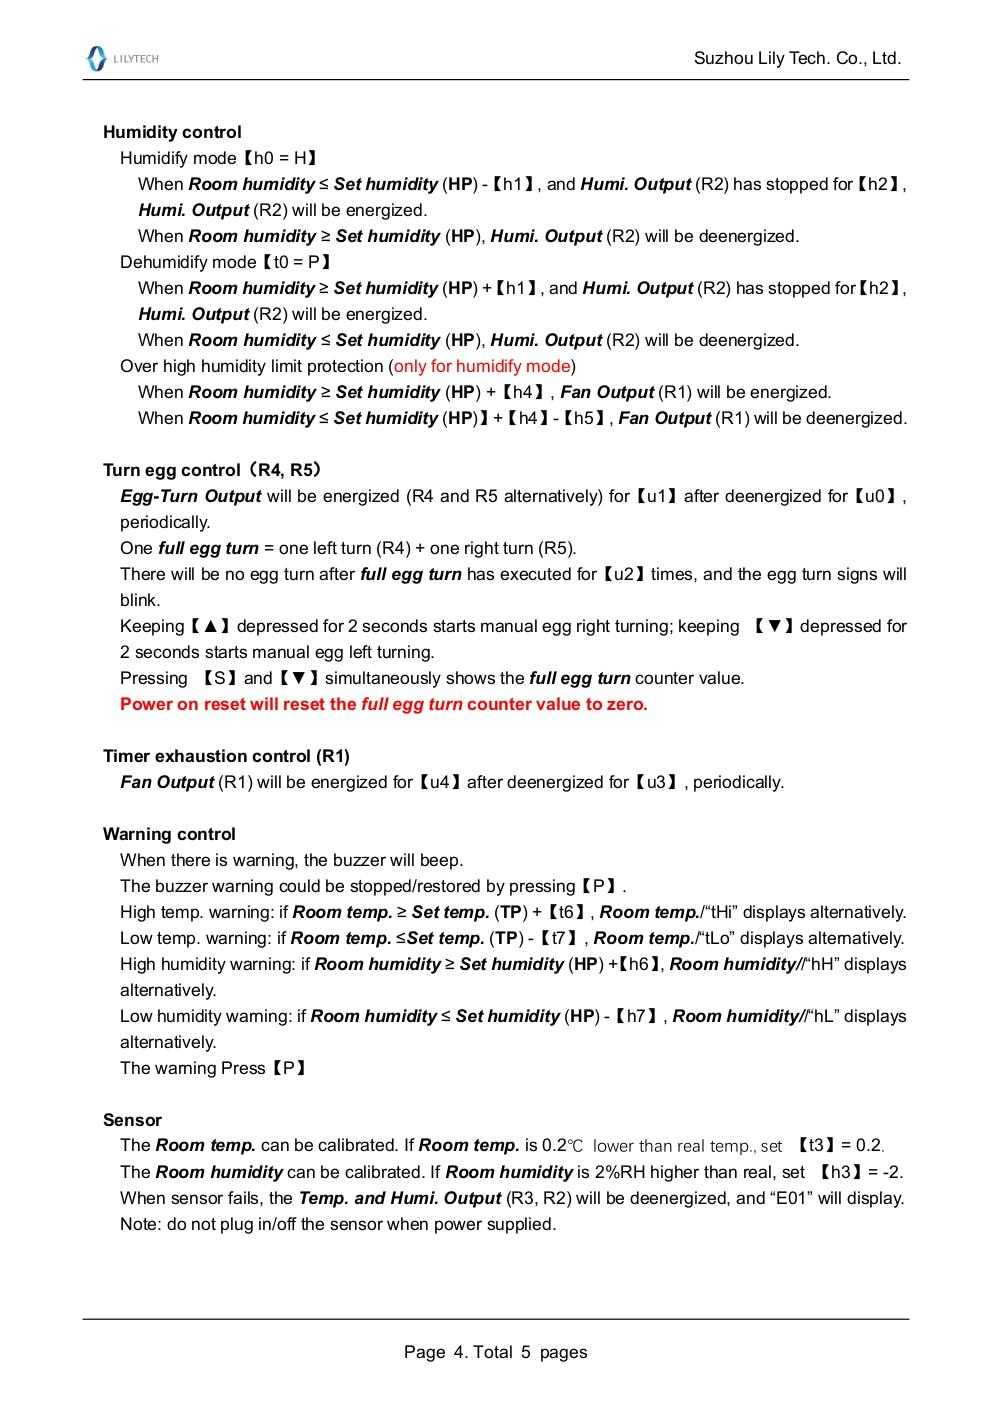 ZL-7850A_en_A1.6b_p4